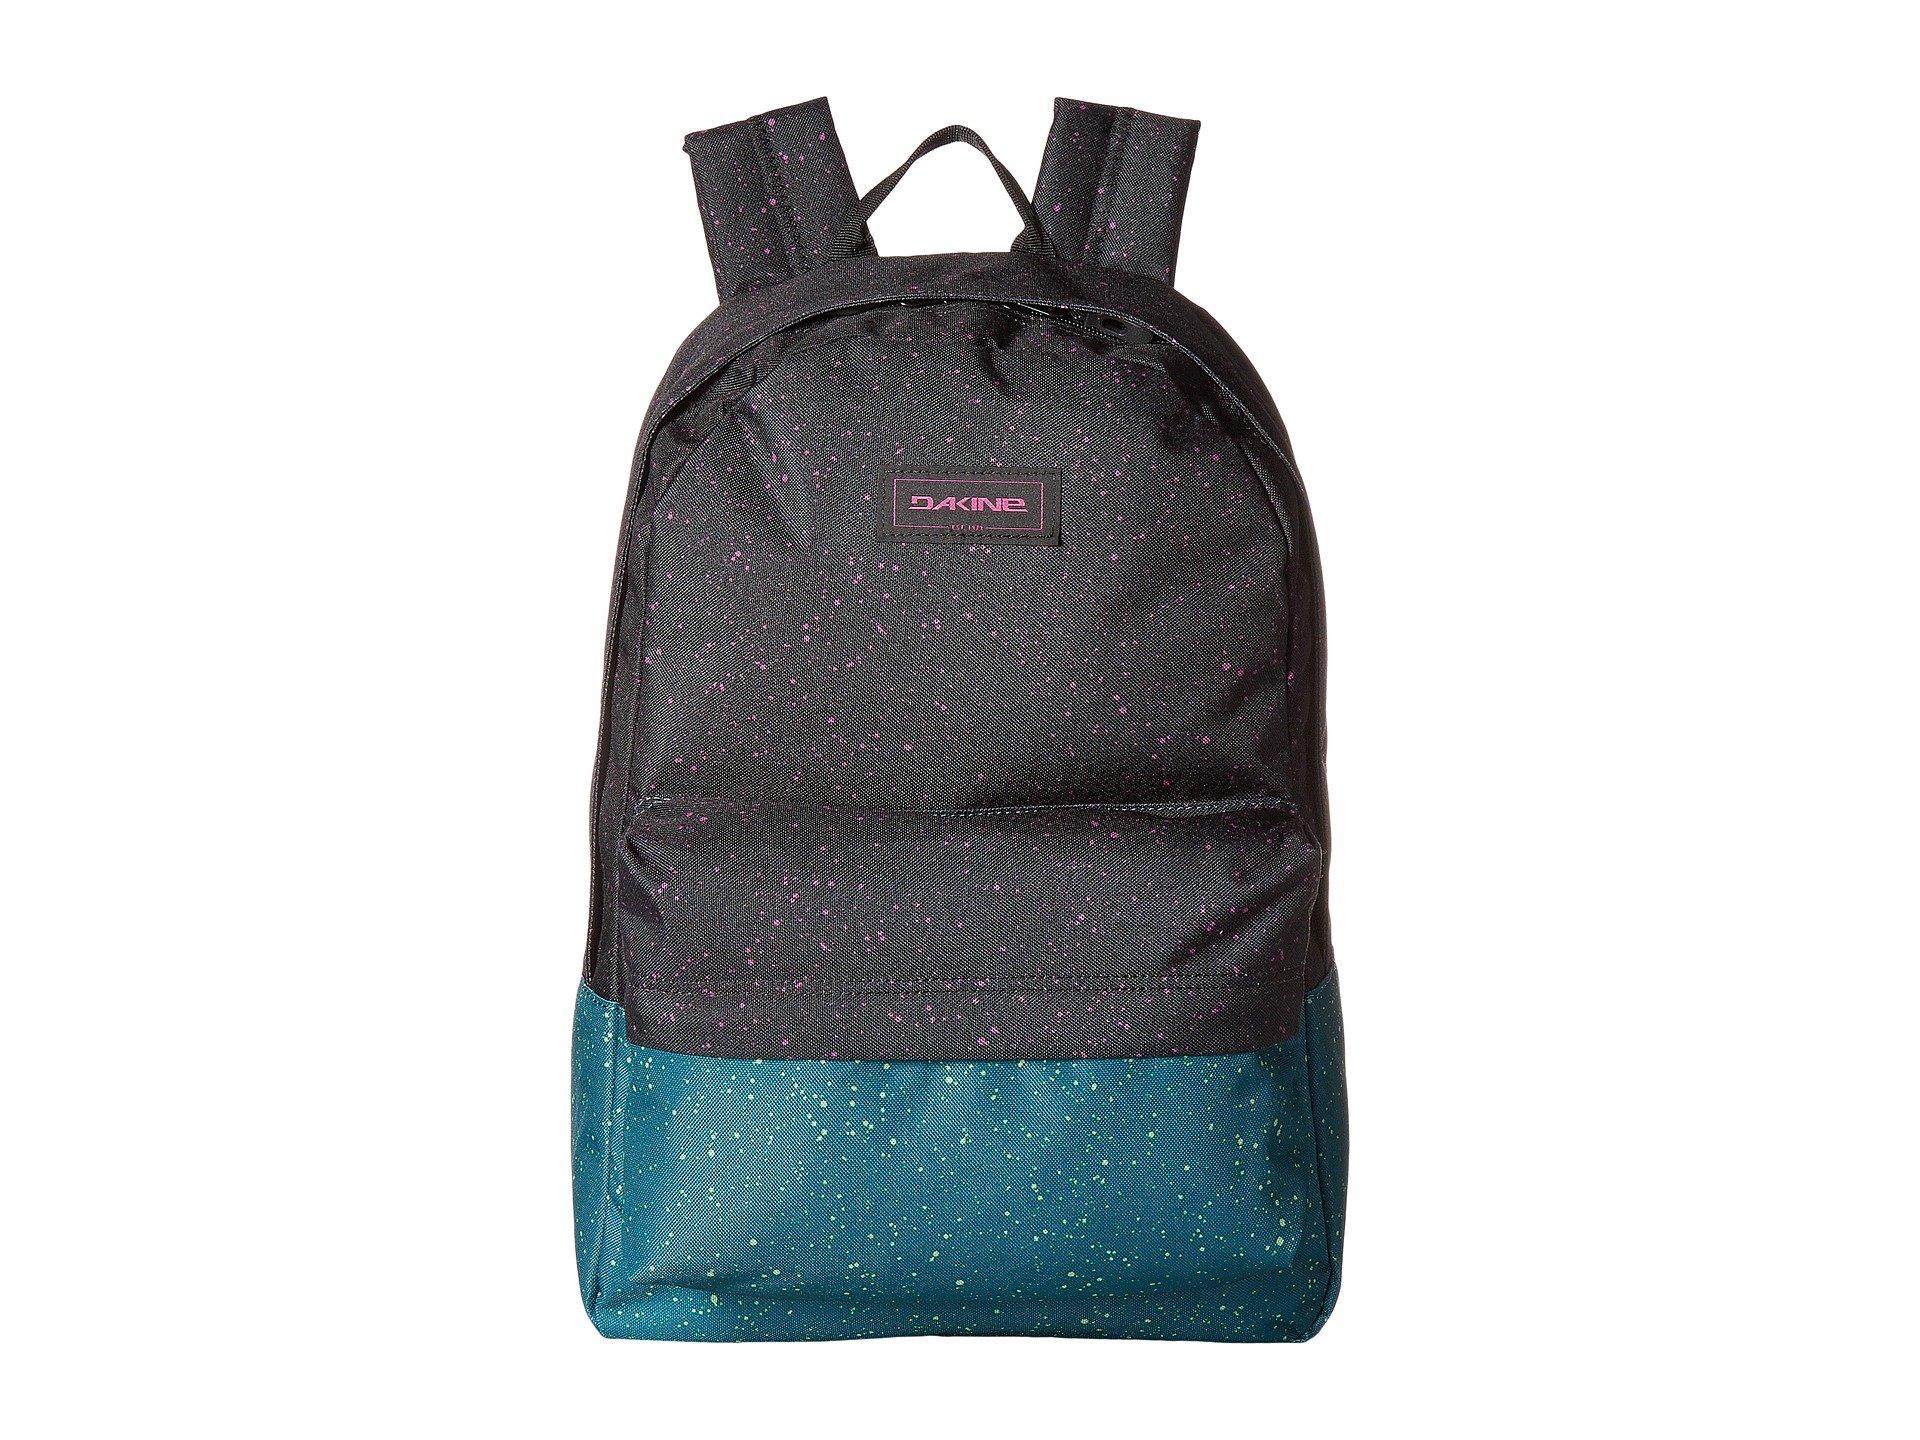 Morral para Hombre Dakine 365 Pack Backpack 21L  + Dakine en VeoyCompro.net